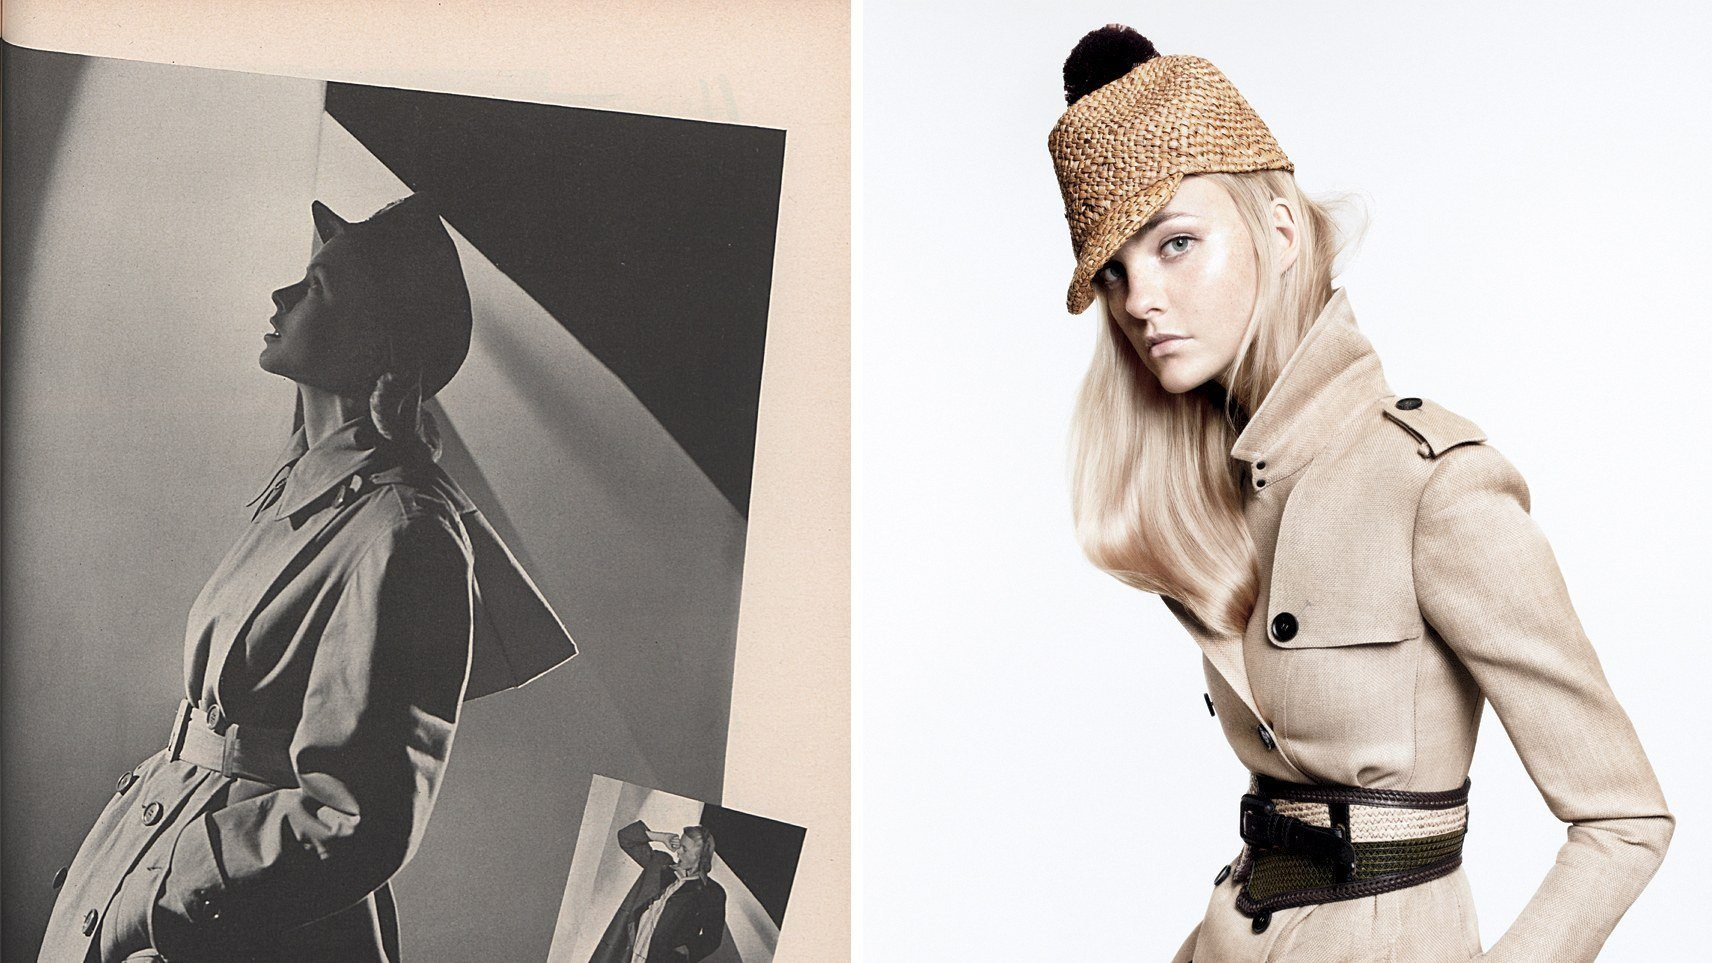 Мировые дизайнеры в модных показах 2019 предлагают много интересных и  женственных моделей женских шапок. Предпочтение отдается универсальным  вариантам b347736946c5e